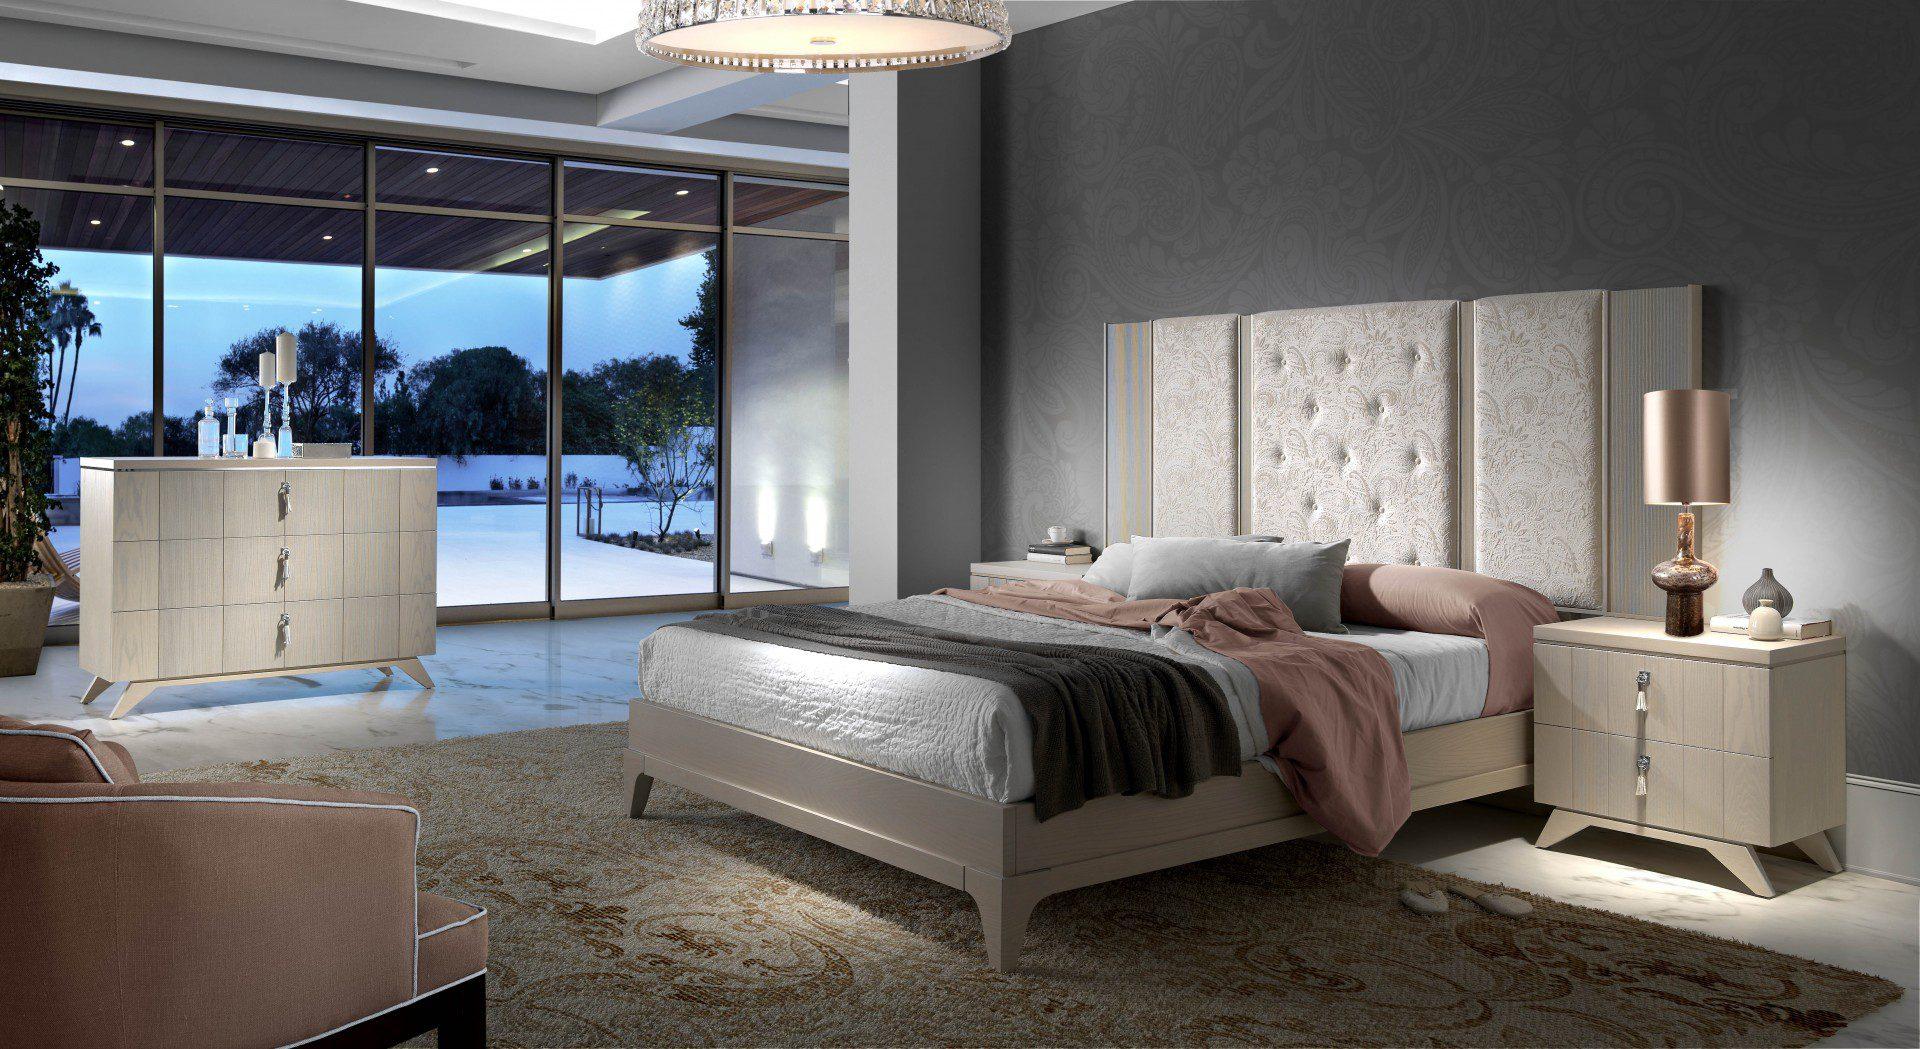 Dormitorio inedit 02 tienda de muebles lucama interiorismo - Interiorismo dormitorios ...